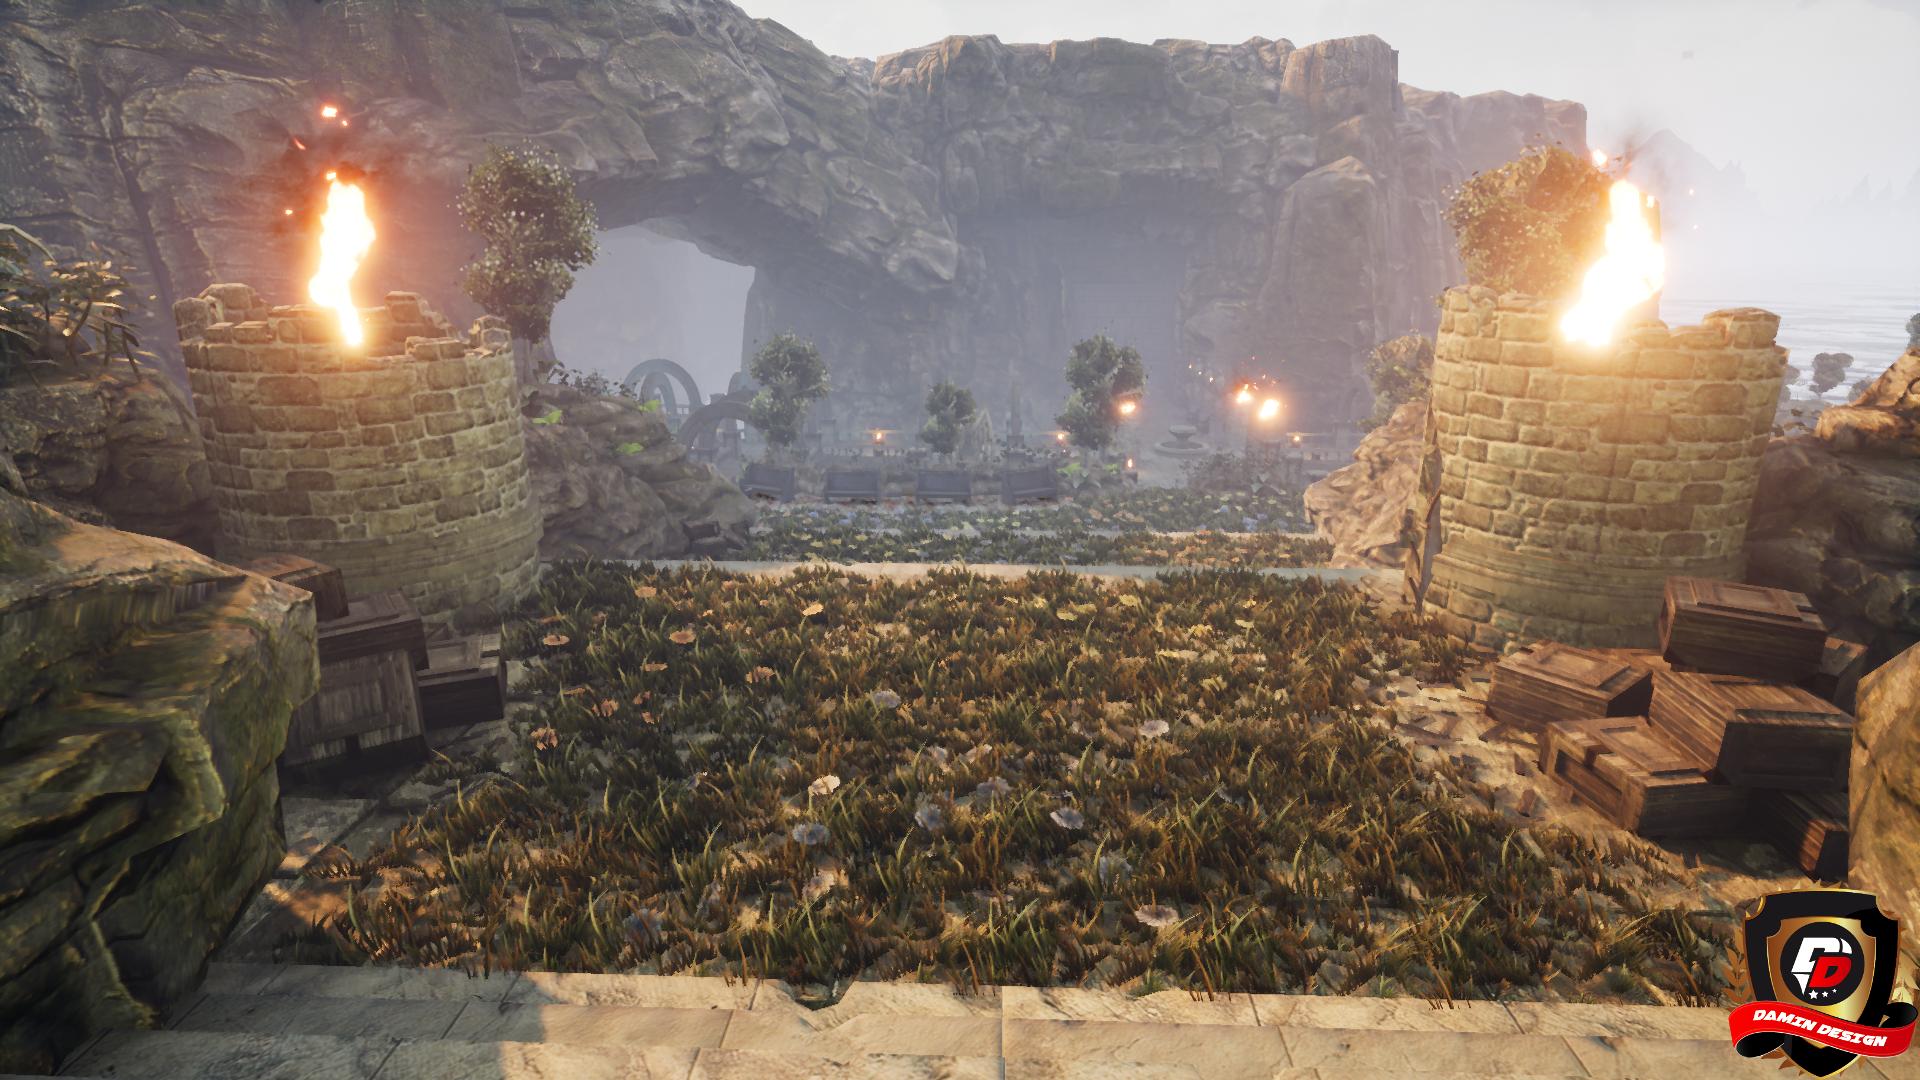 Unreal Engine 4 Deserted Land by DaminDesign